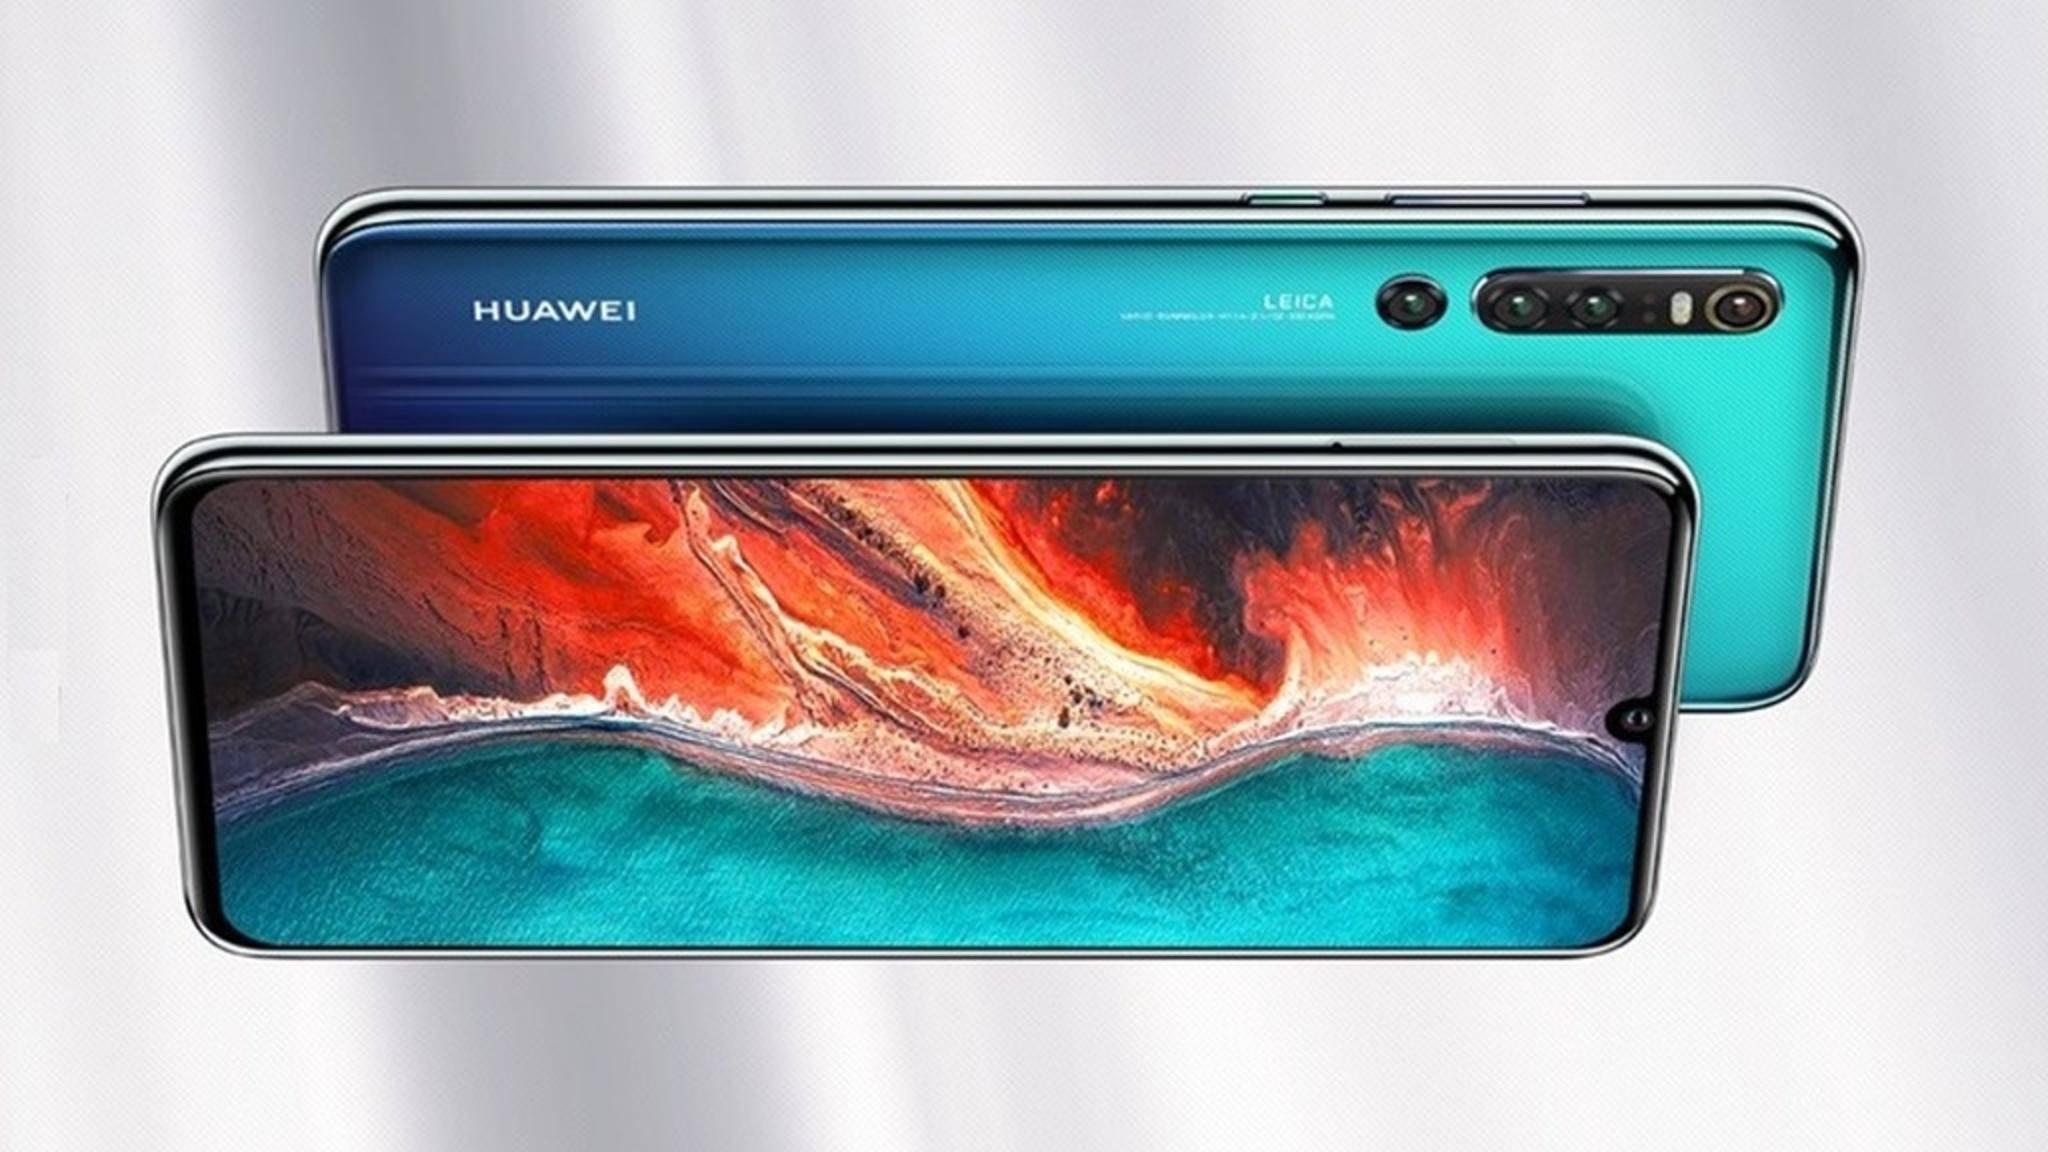 Das Huawei P30 Pro (hier ein Konzept) soll vier Hauptkameras bieten.